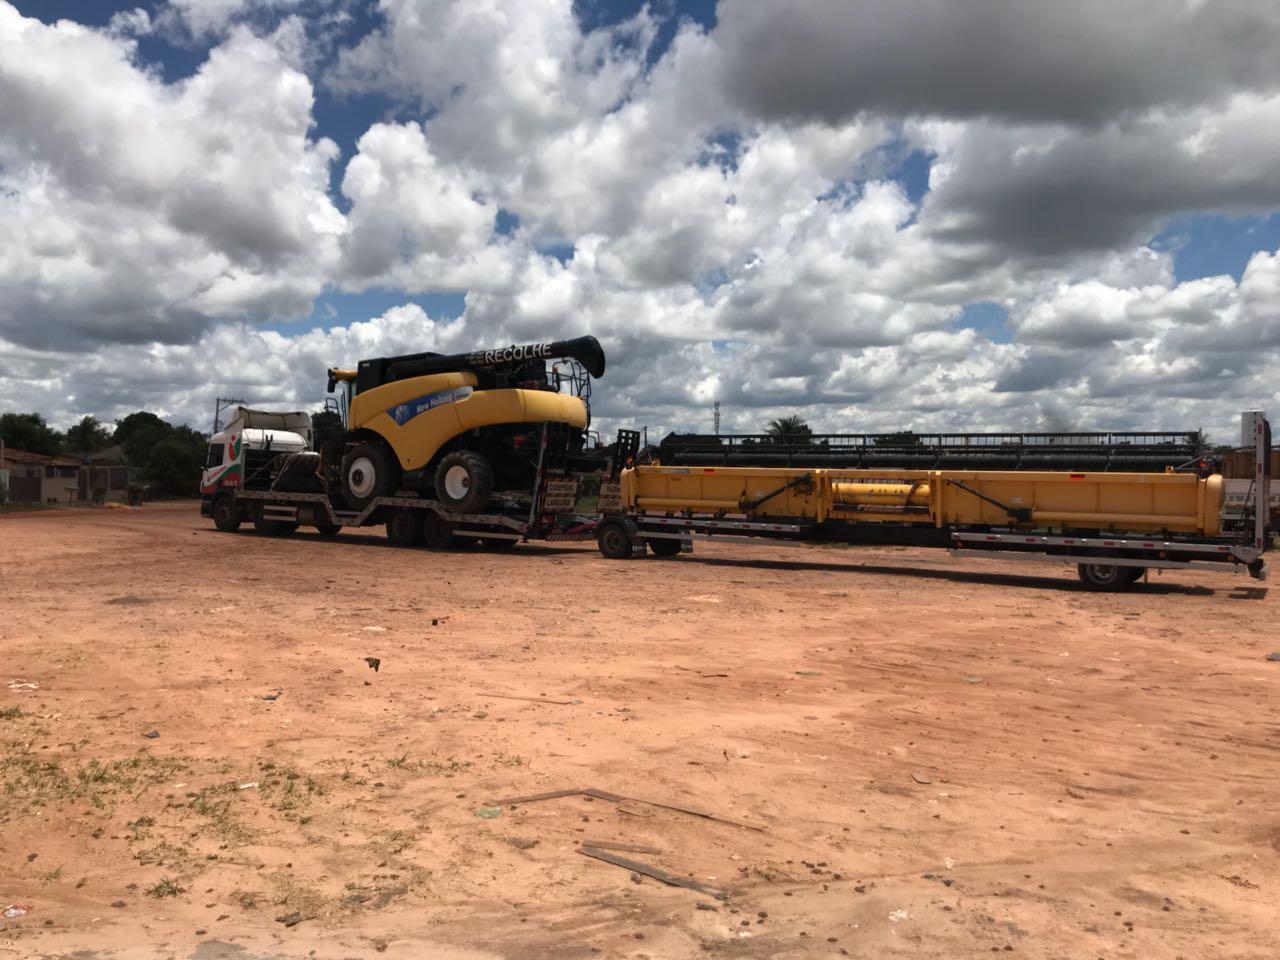 Projeto Solicitado – Reboque para plataforma colheitadeira  |Finaliza Dia 31 ago 18|